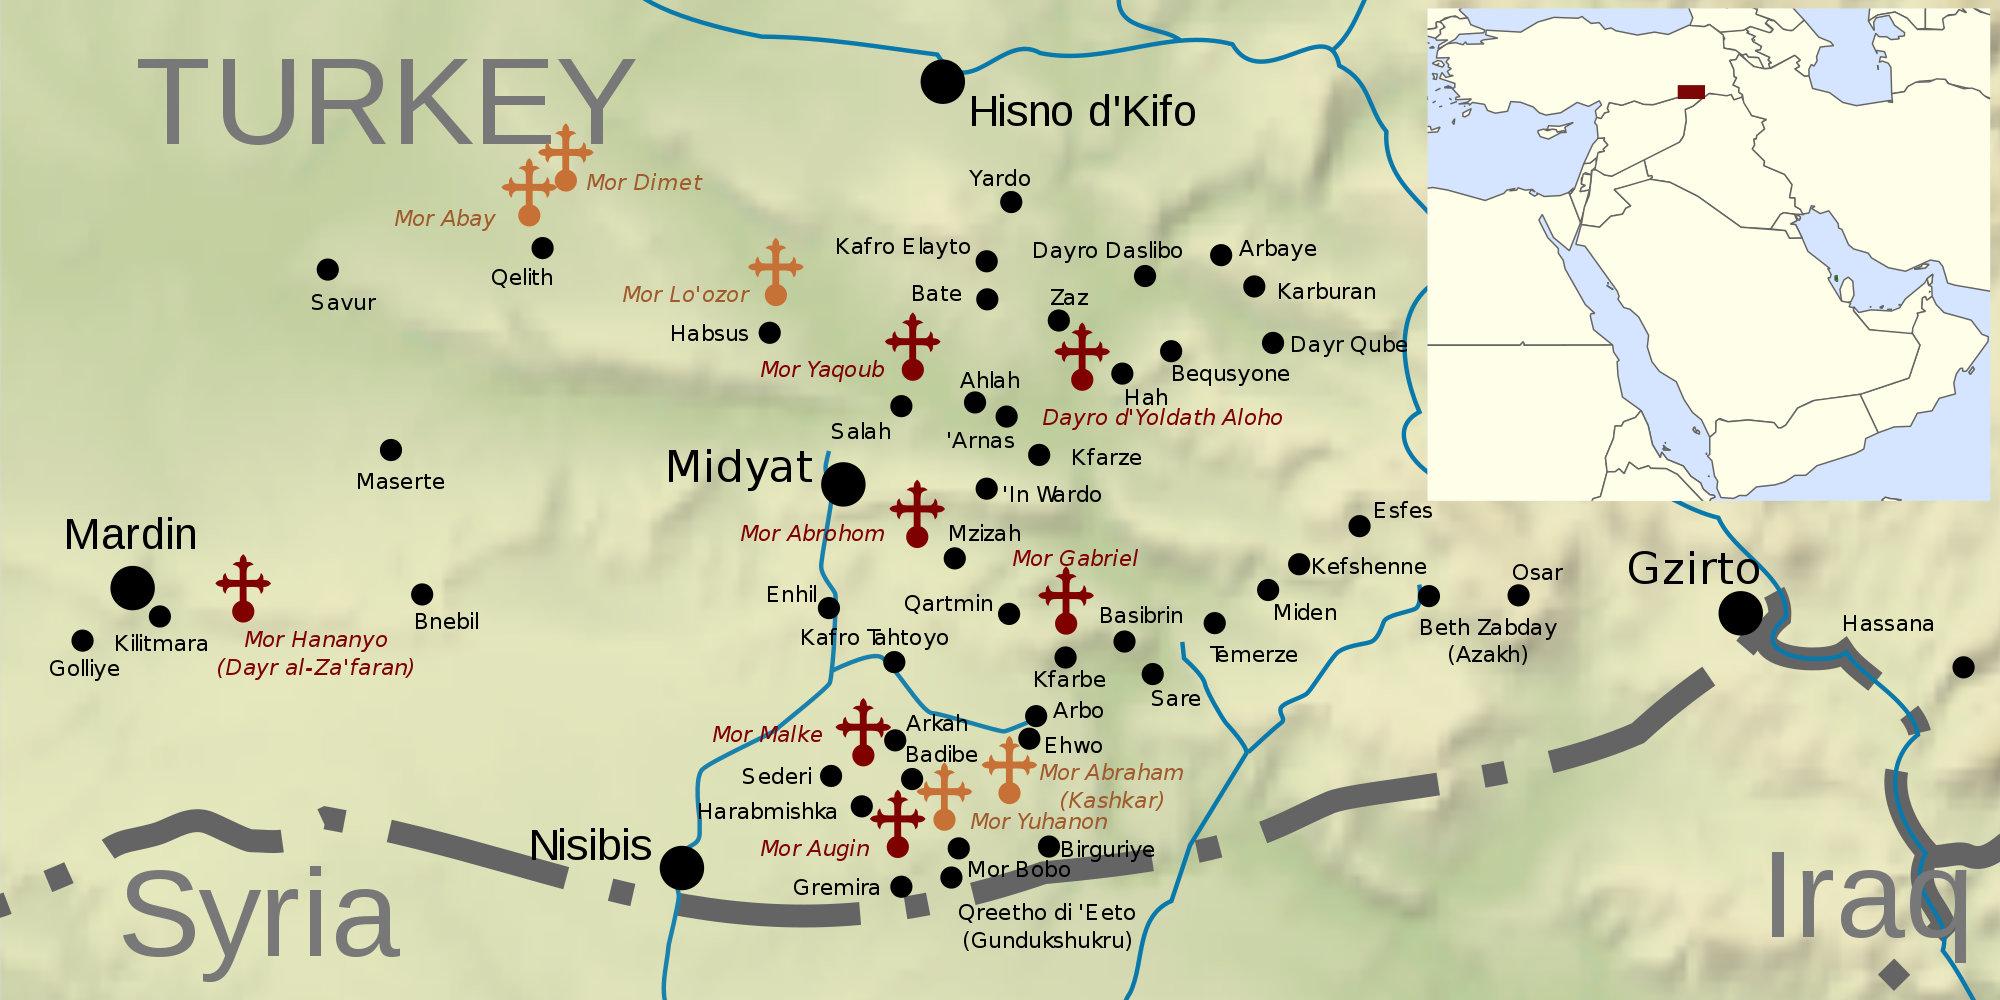 Карта Тур-Абдина. Красными крестами помечены действующие монастыри. «Википедия»